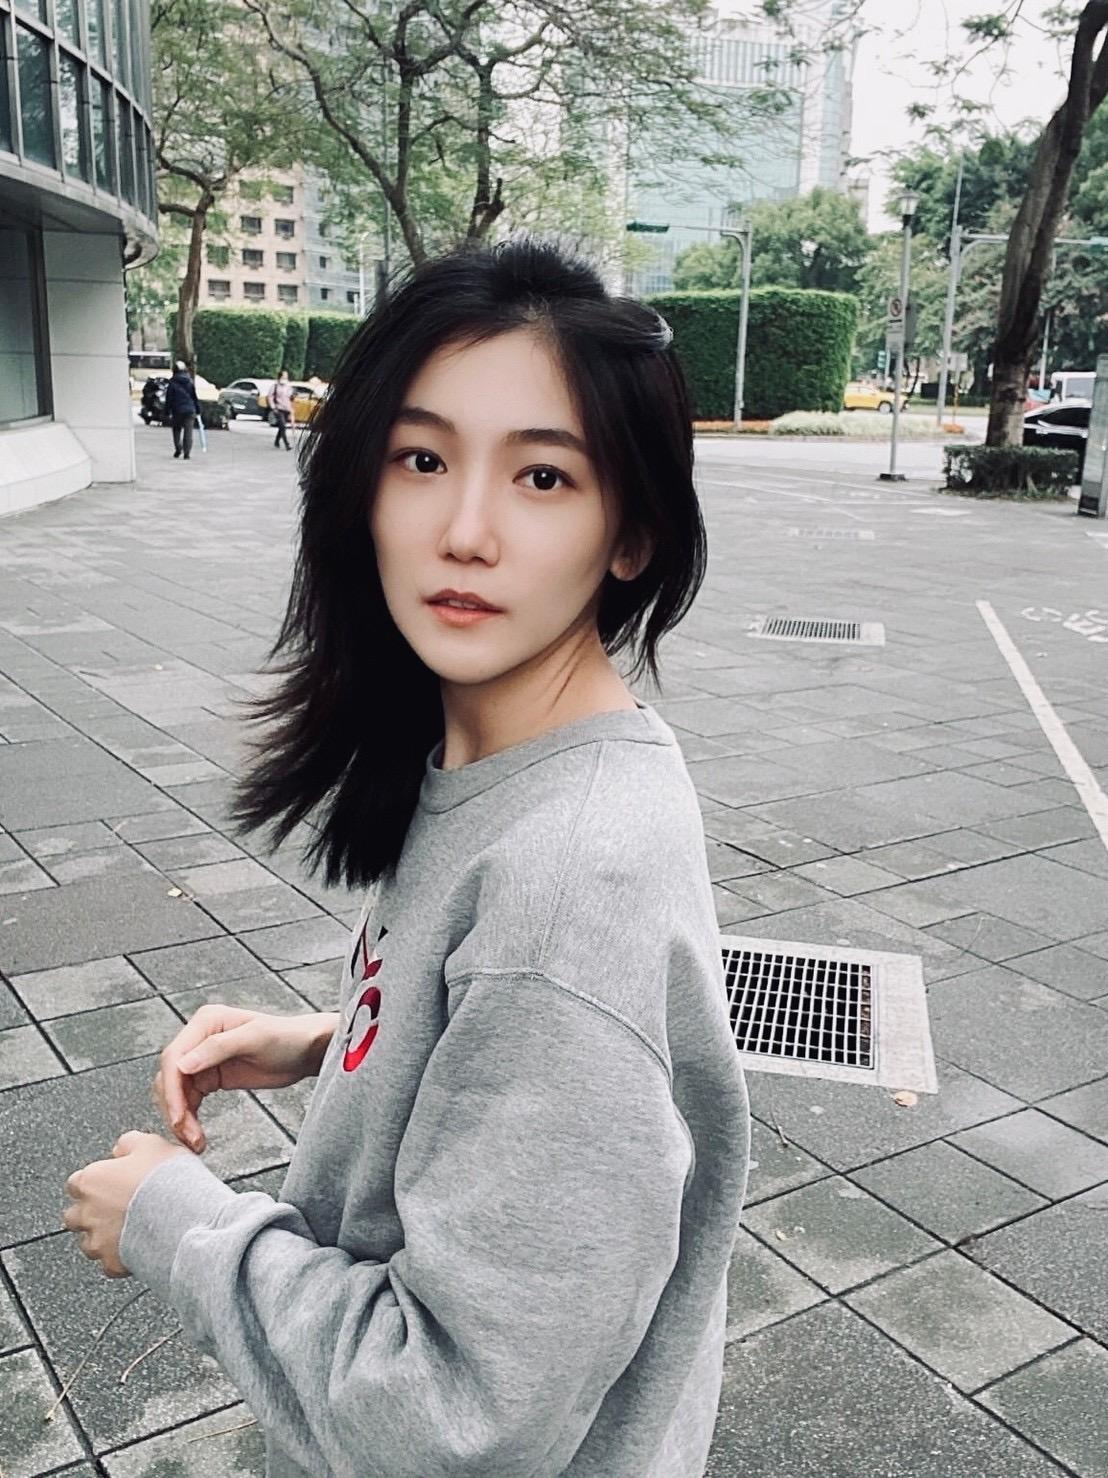 植劇場二代星/王瑋鍾自比冰火菠蘿油 愛上表演「想做一輩子」